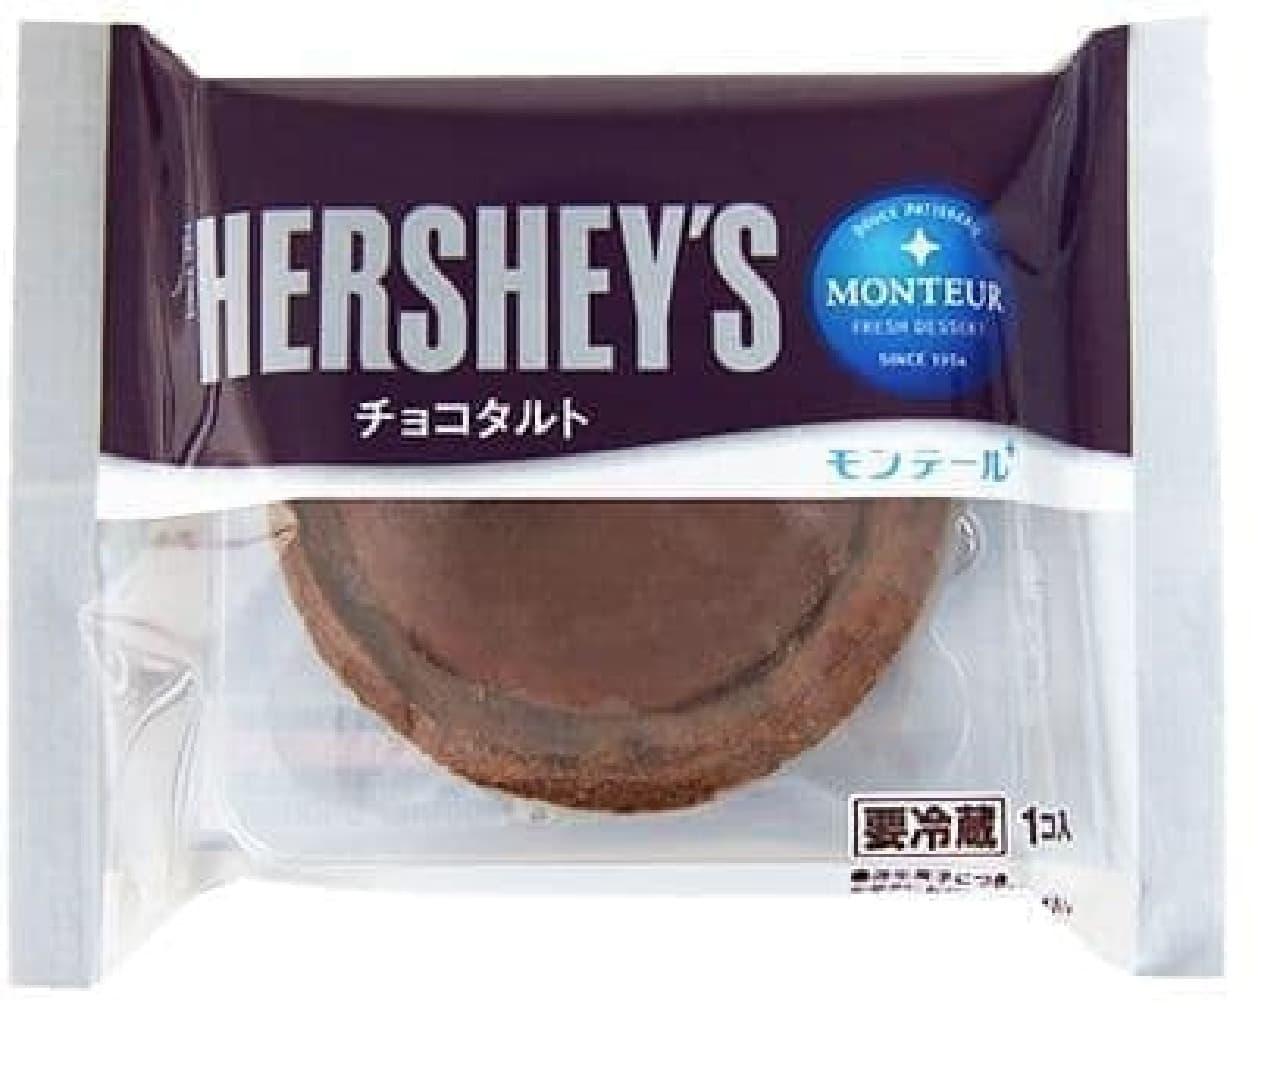 モンテール「HERSHEY'S チョコタルト」